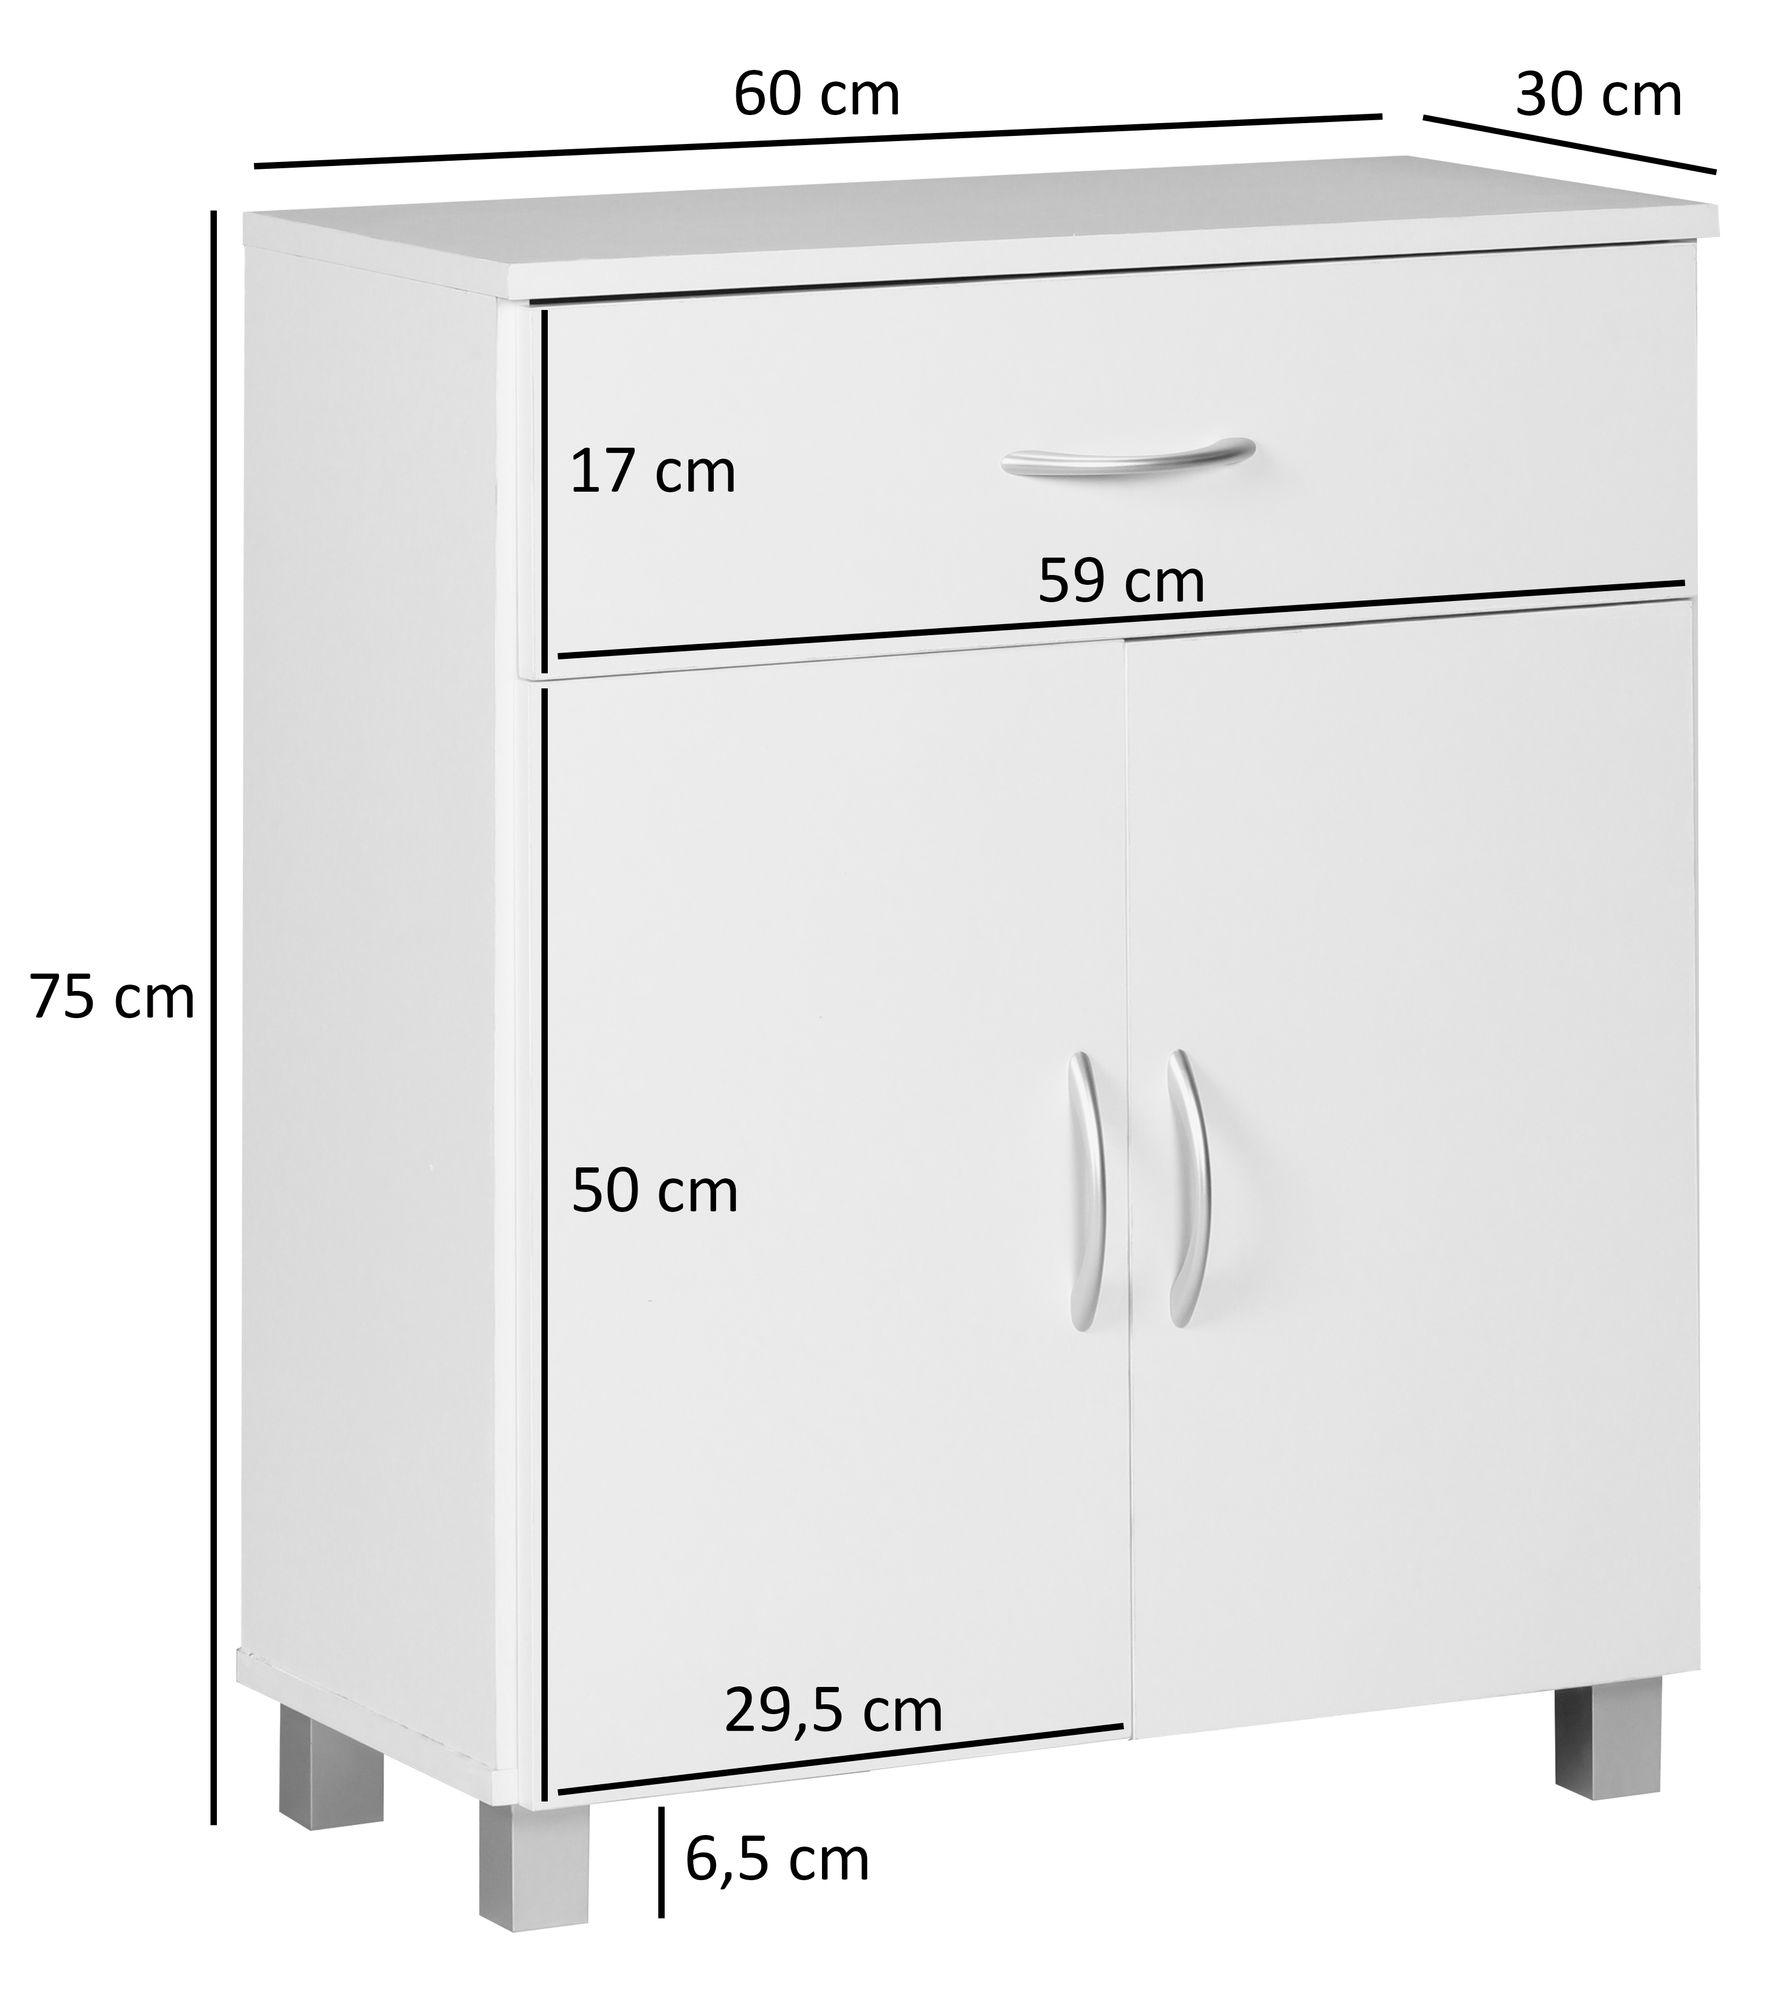 Finebuy Sideboard 60x75x30cm Moderne Kommoden Schrank Kleine Holz Anrichte